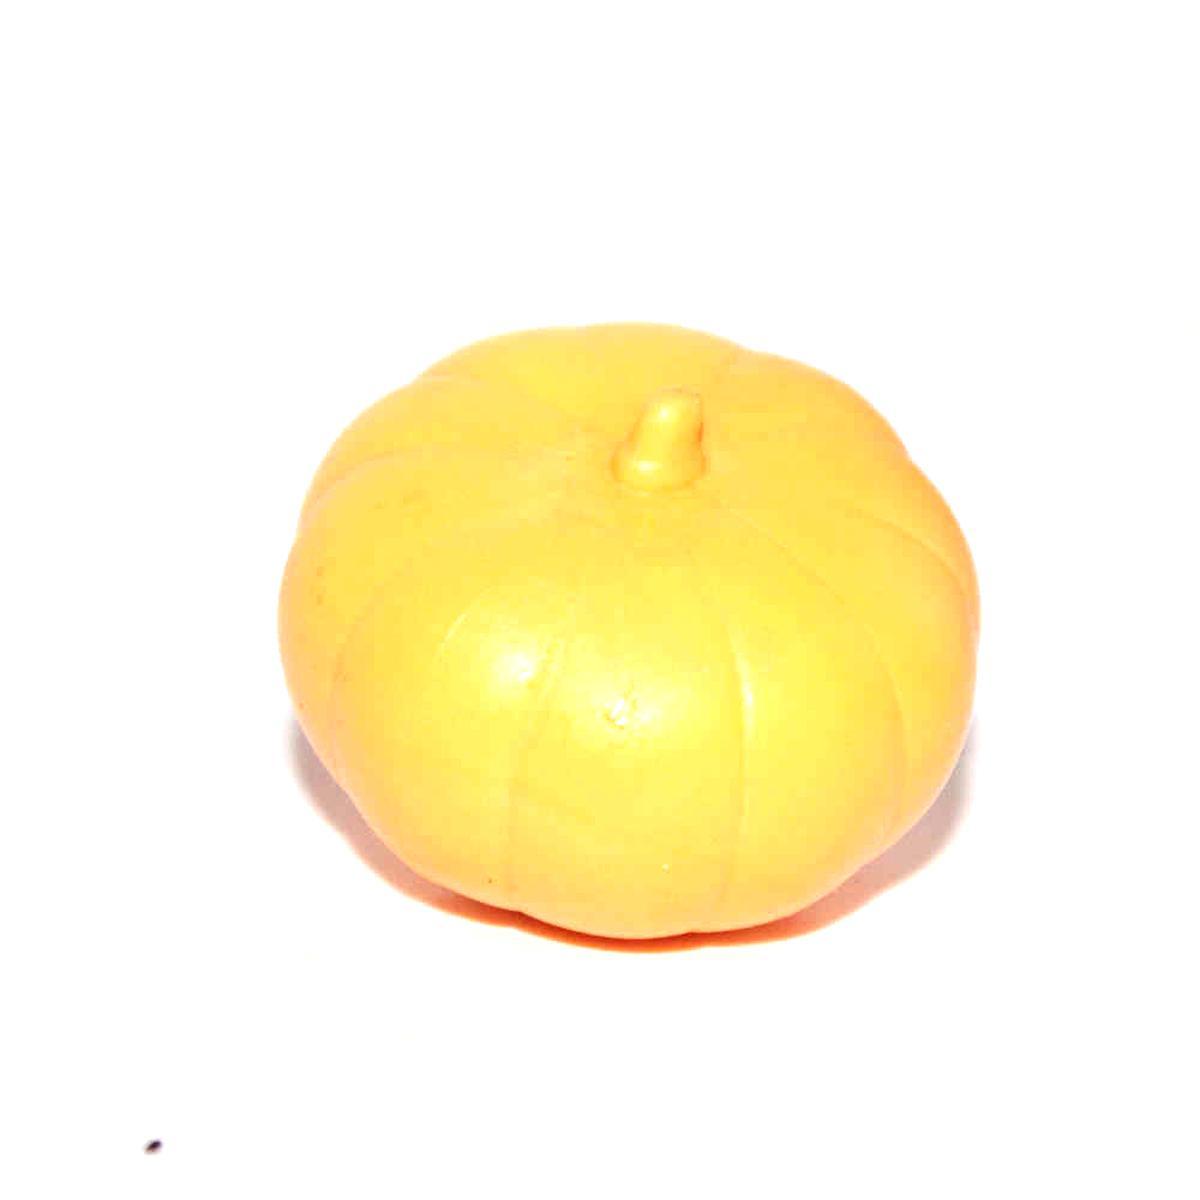 805 Lego Stein schräg 2x2 aussenecke Orange 4 Stück